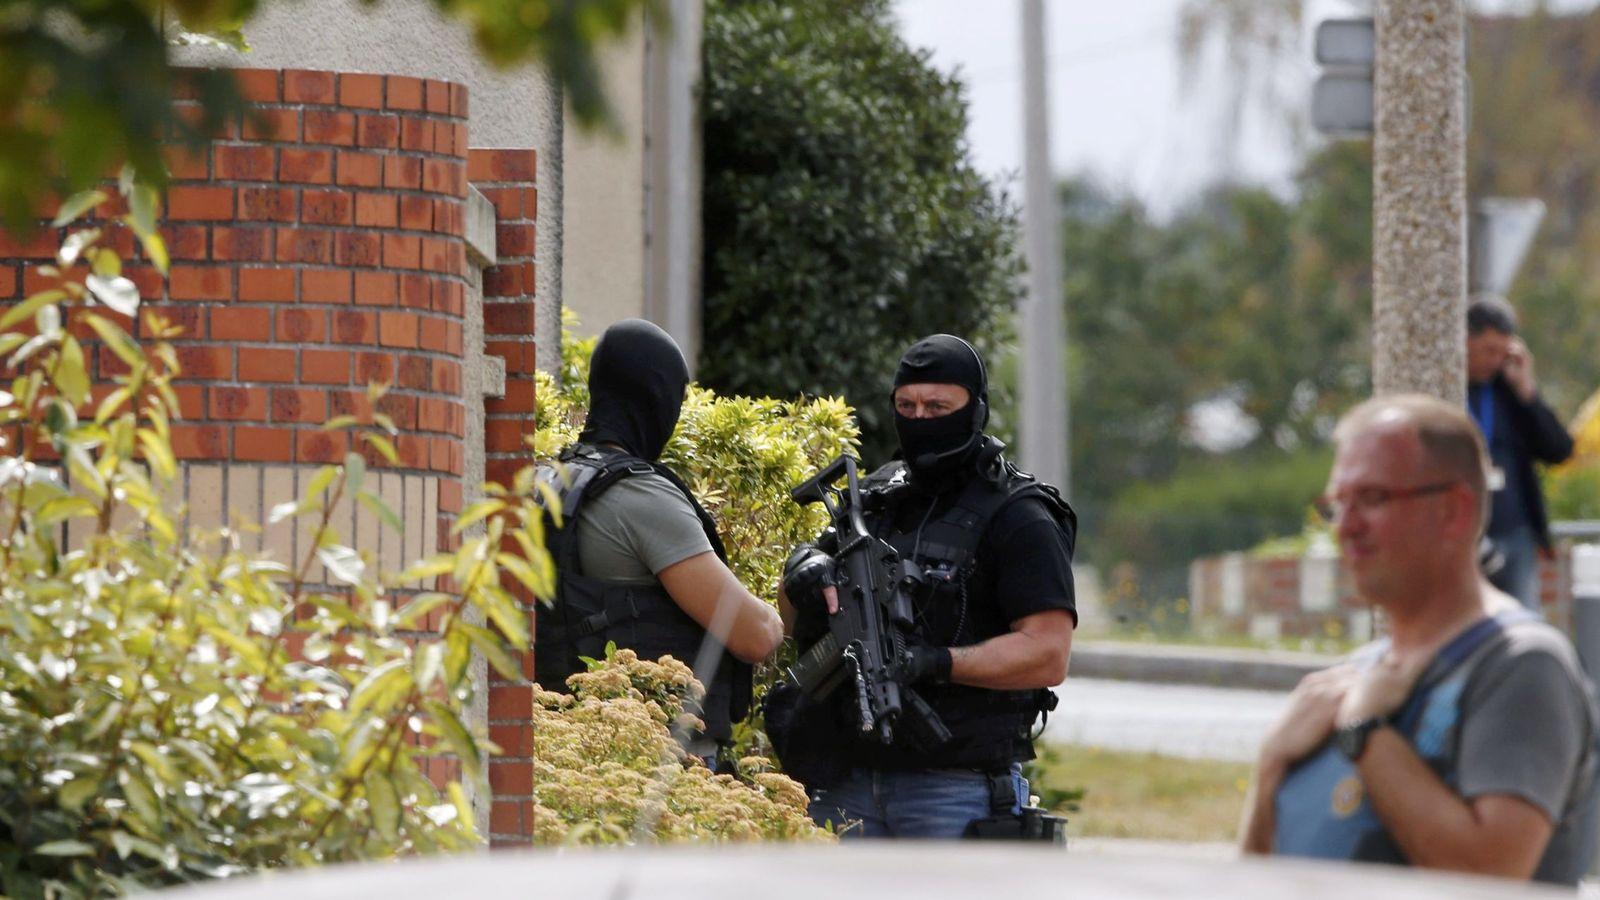 Foto: Miembros de las fuerzas especiales de la policía en el exterior de la iglesia atacada, el 26 de julio de 2016 (Reuters)